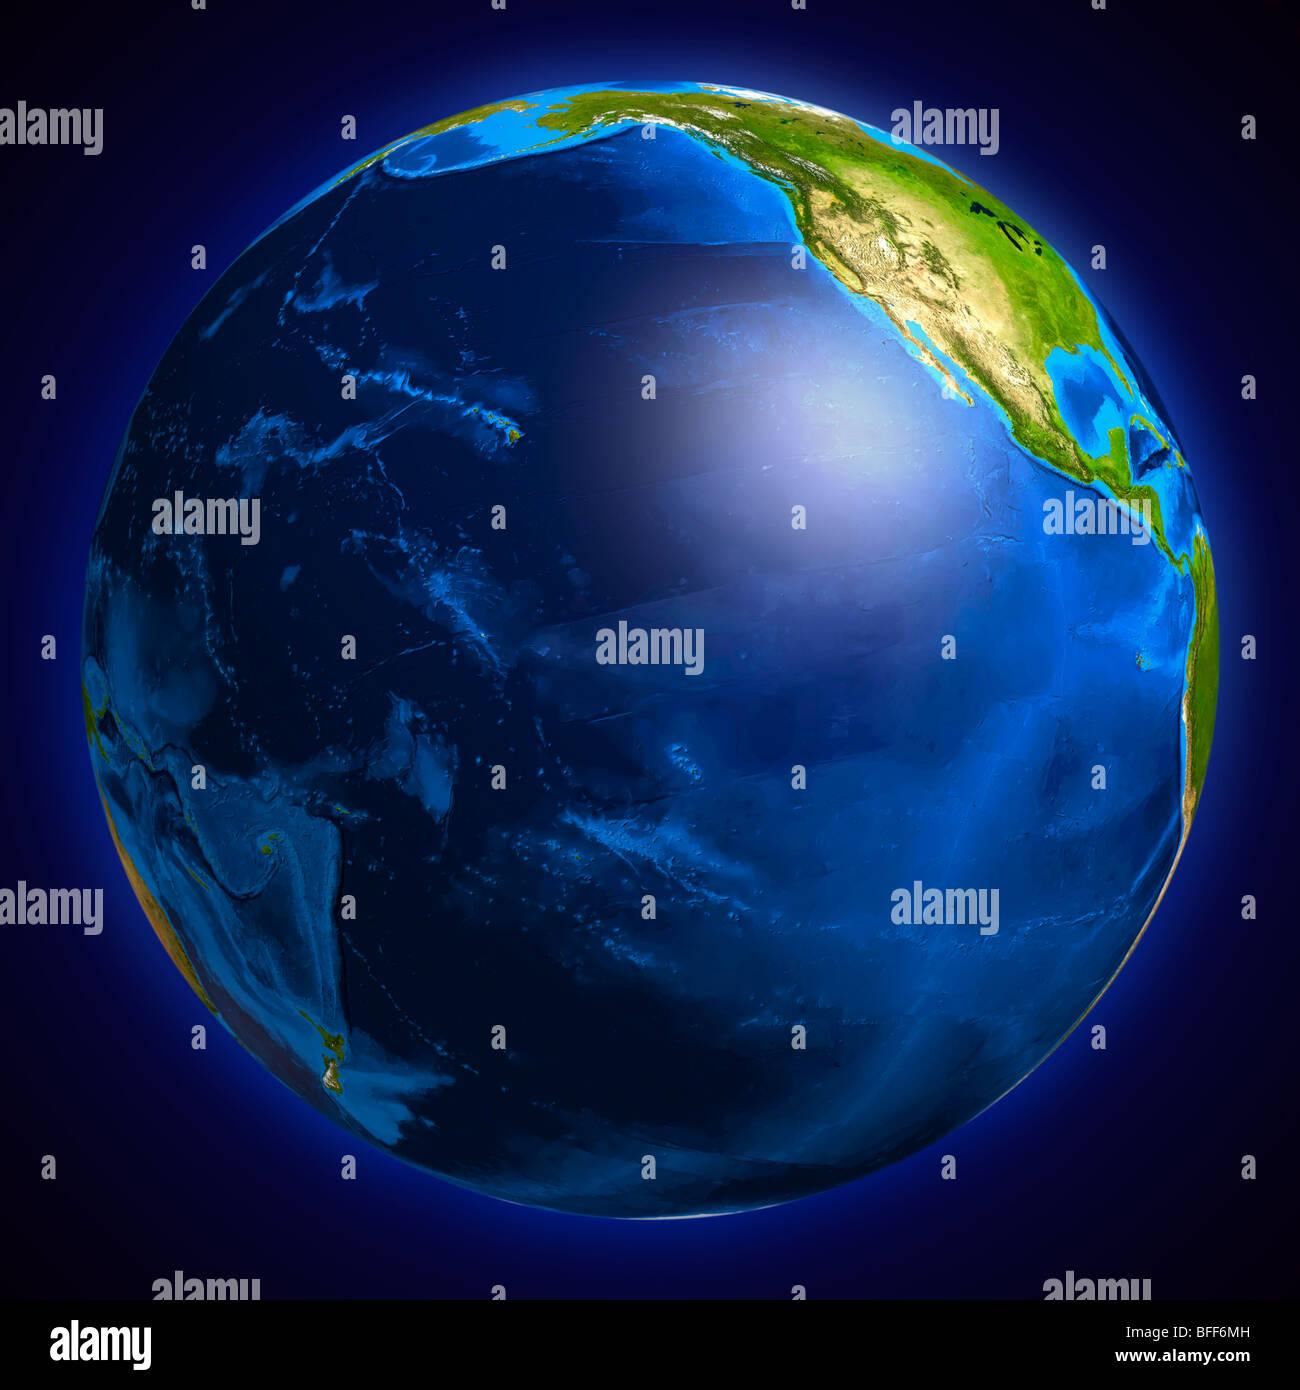 Globo Terráqueo Mostrando La Superficie Del Océano Pacífico Foto